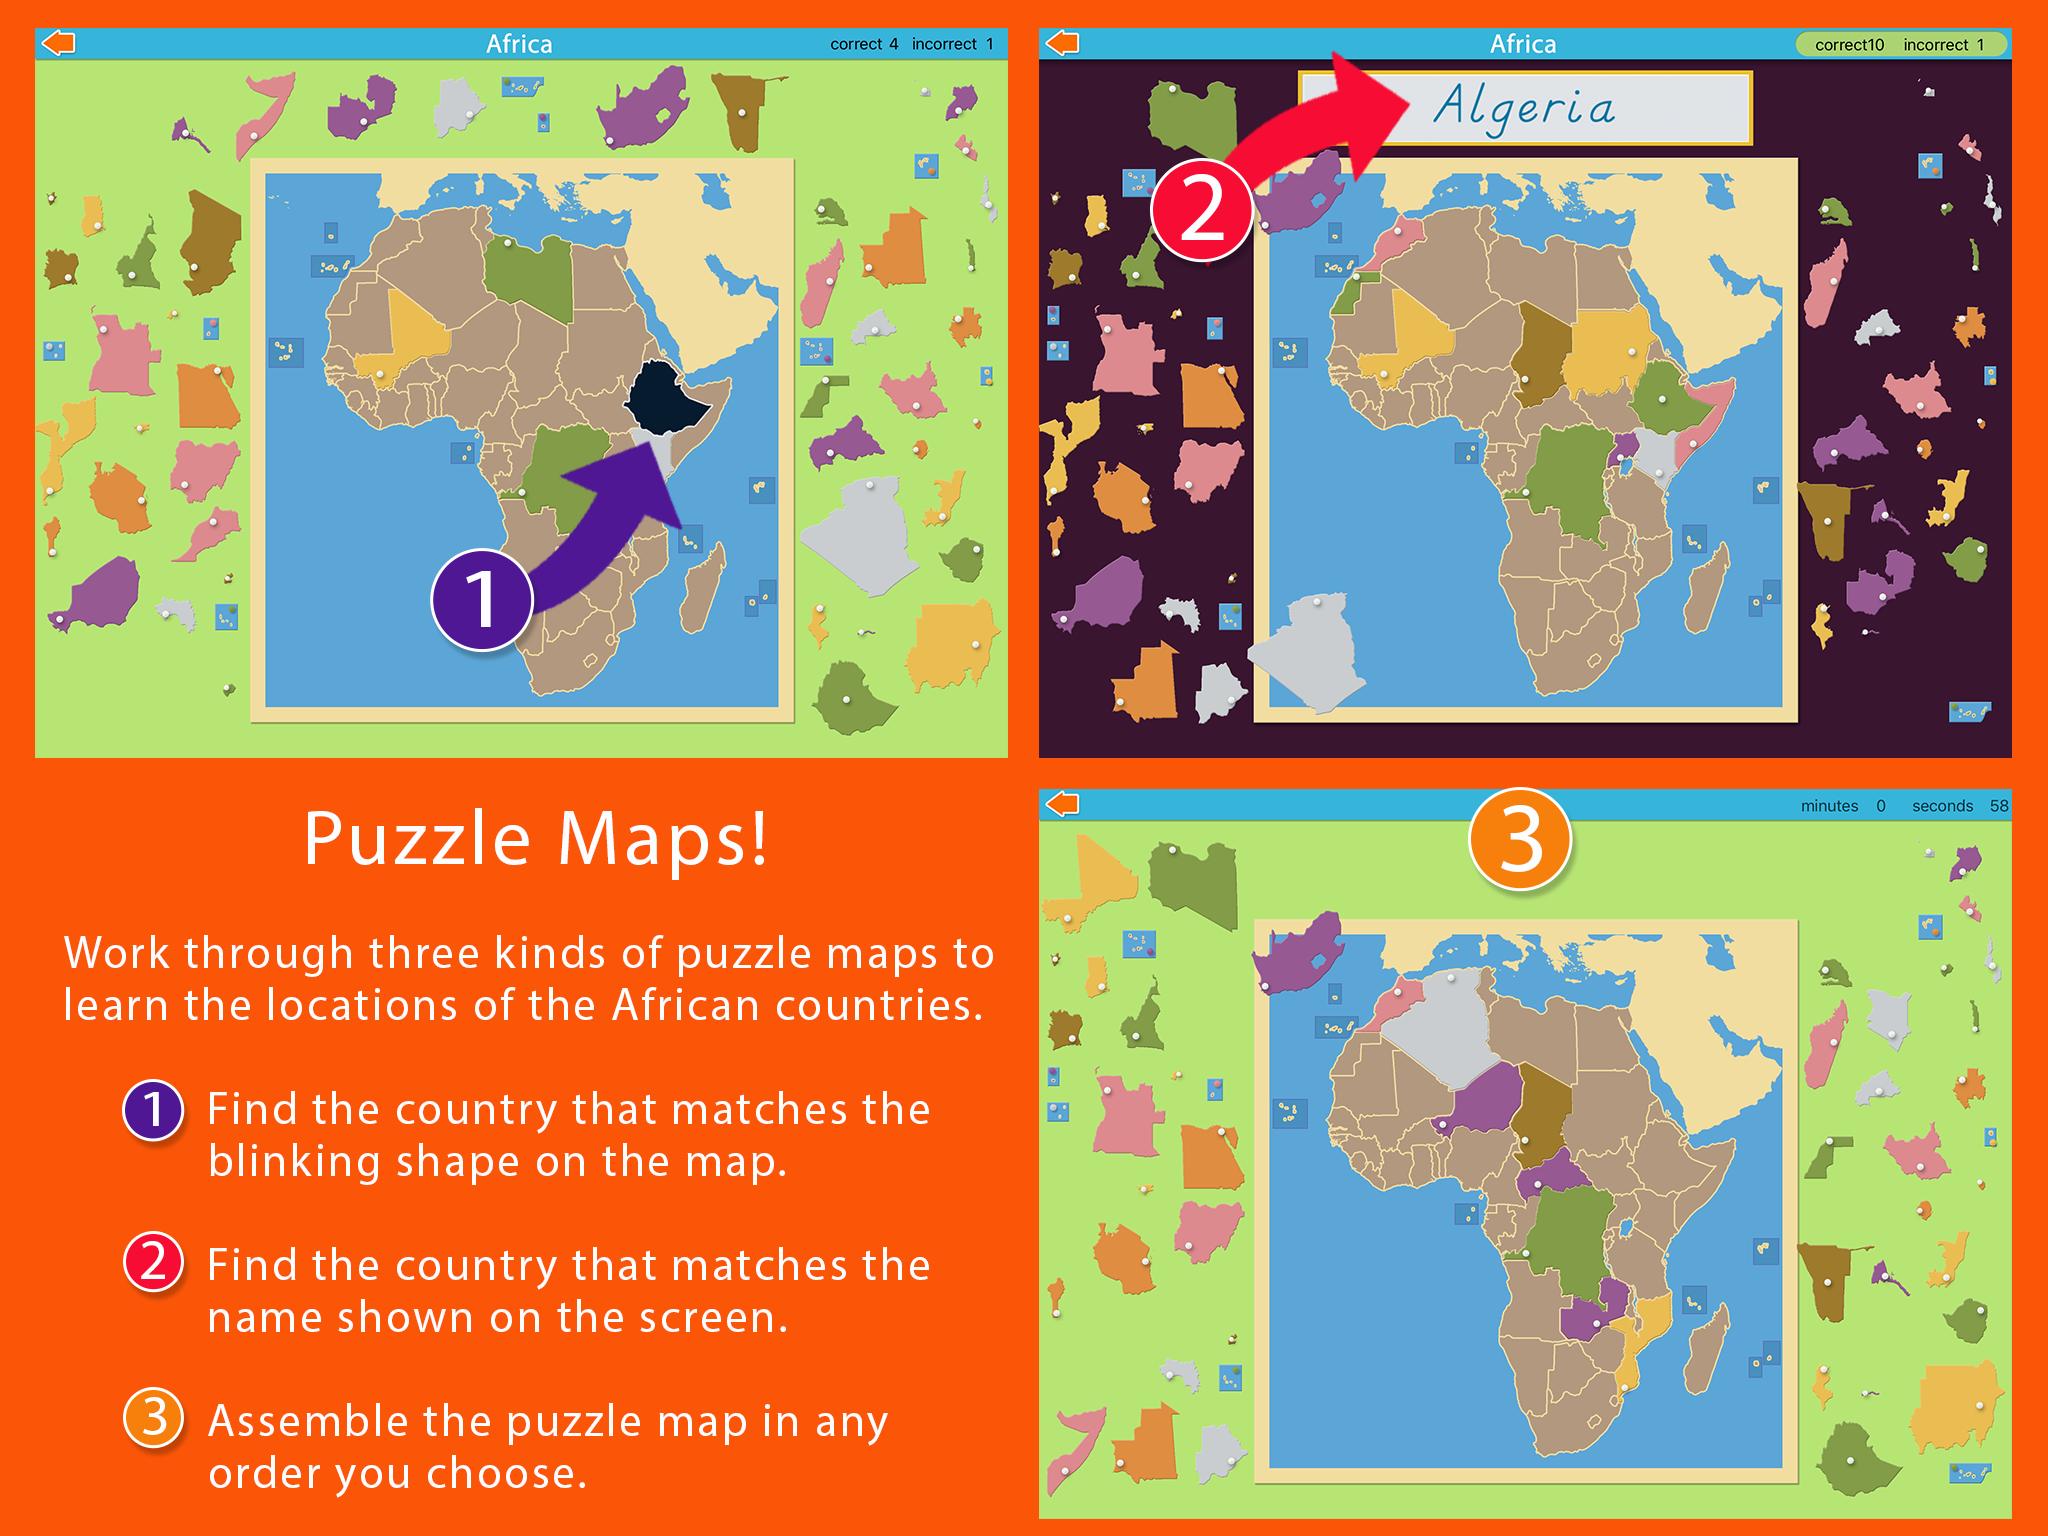 Africa-iPadReg-SC3-Africa-.png